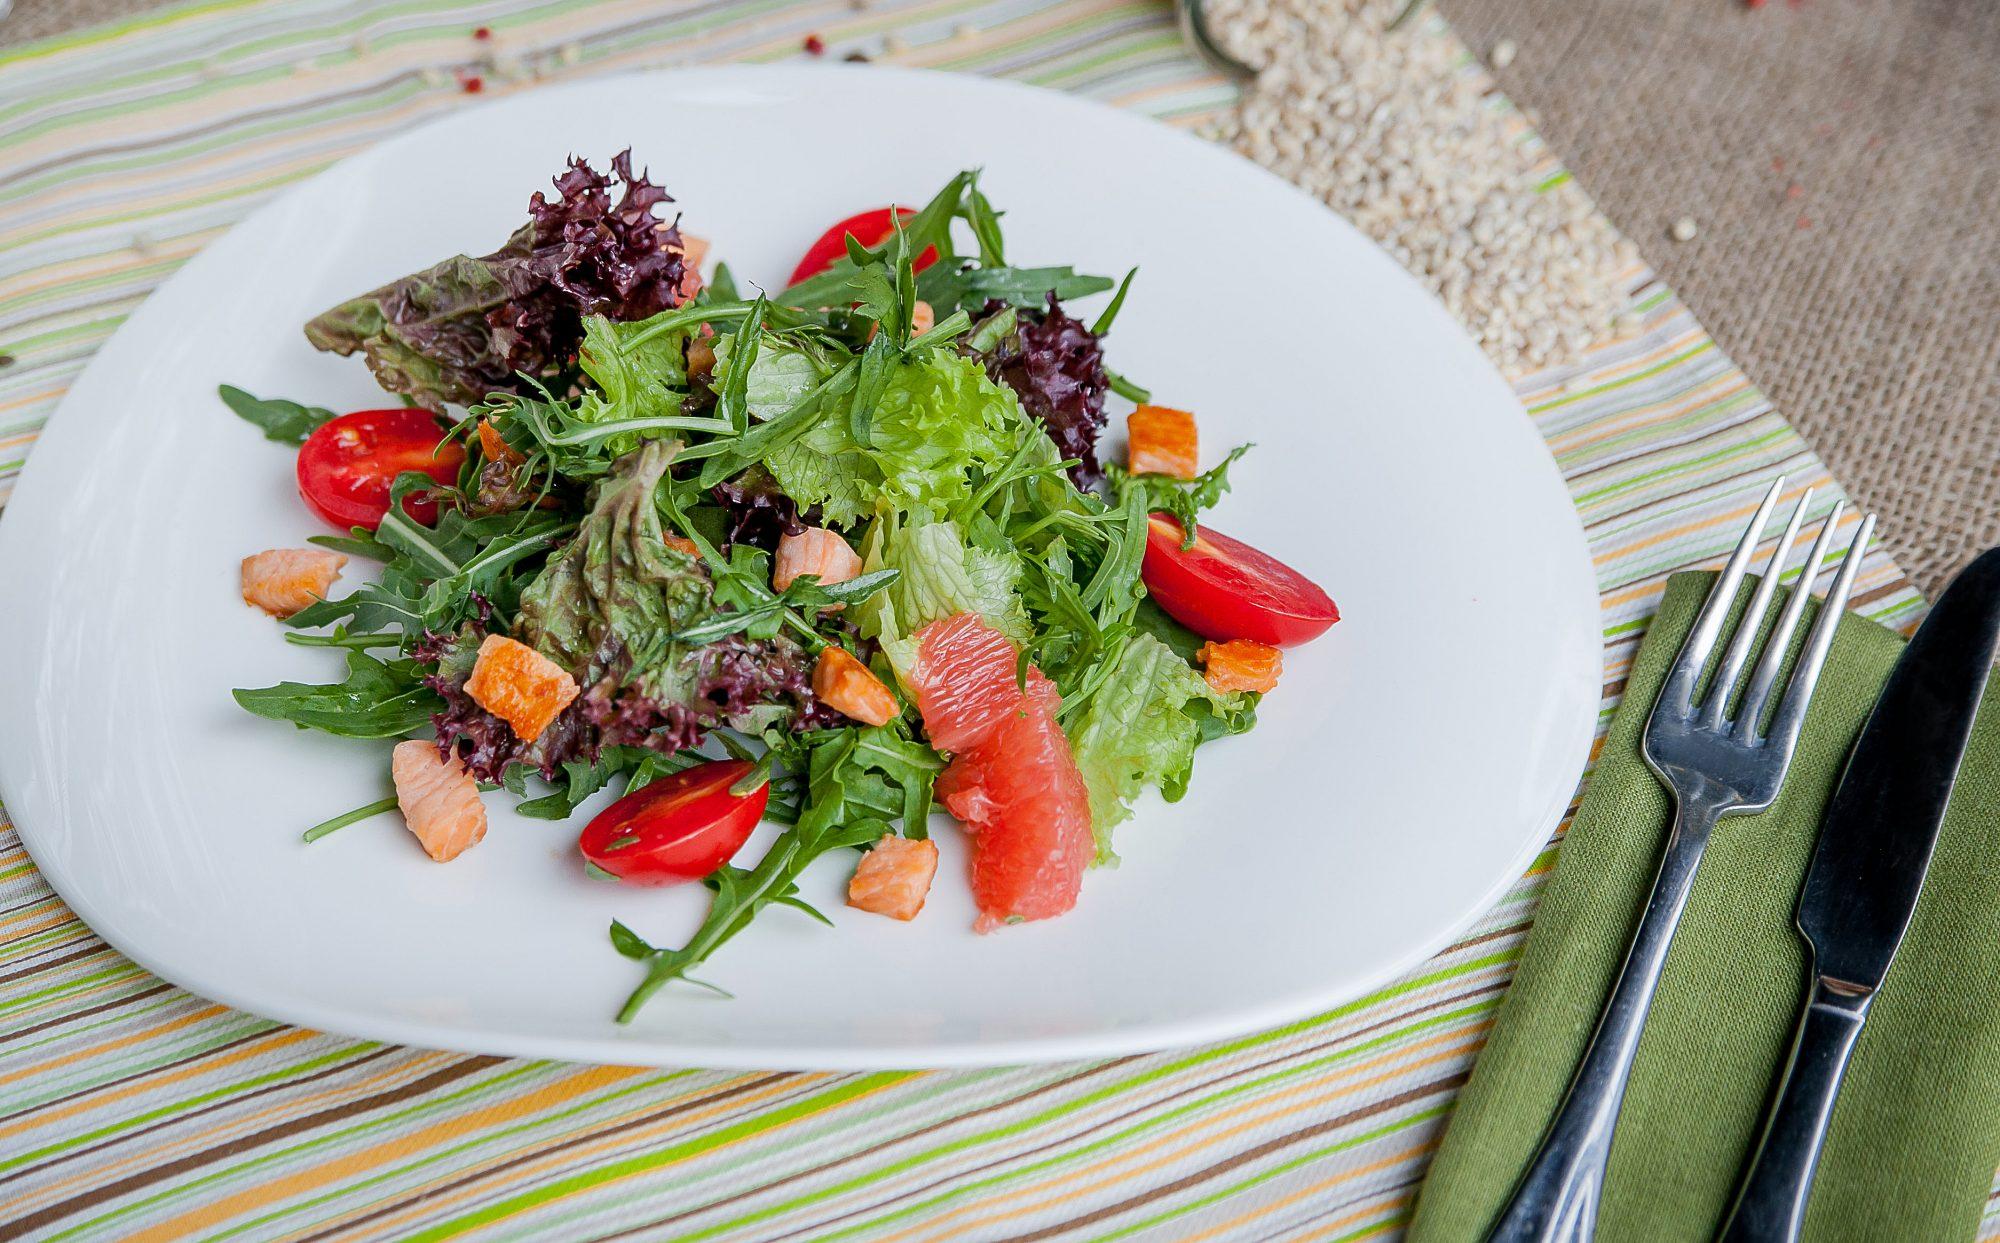 фото салат с лососем, рукколой, грейпфрутом и цитрусовой заправкой для ПП Харьков